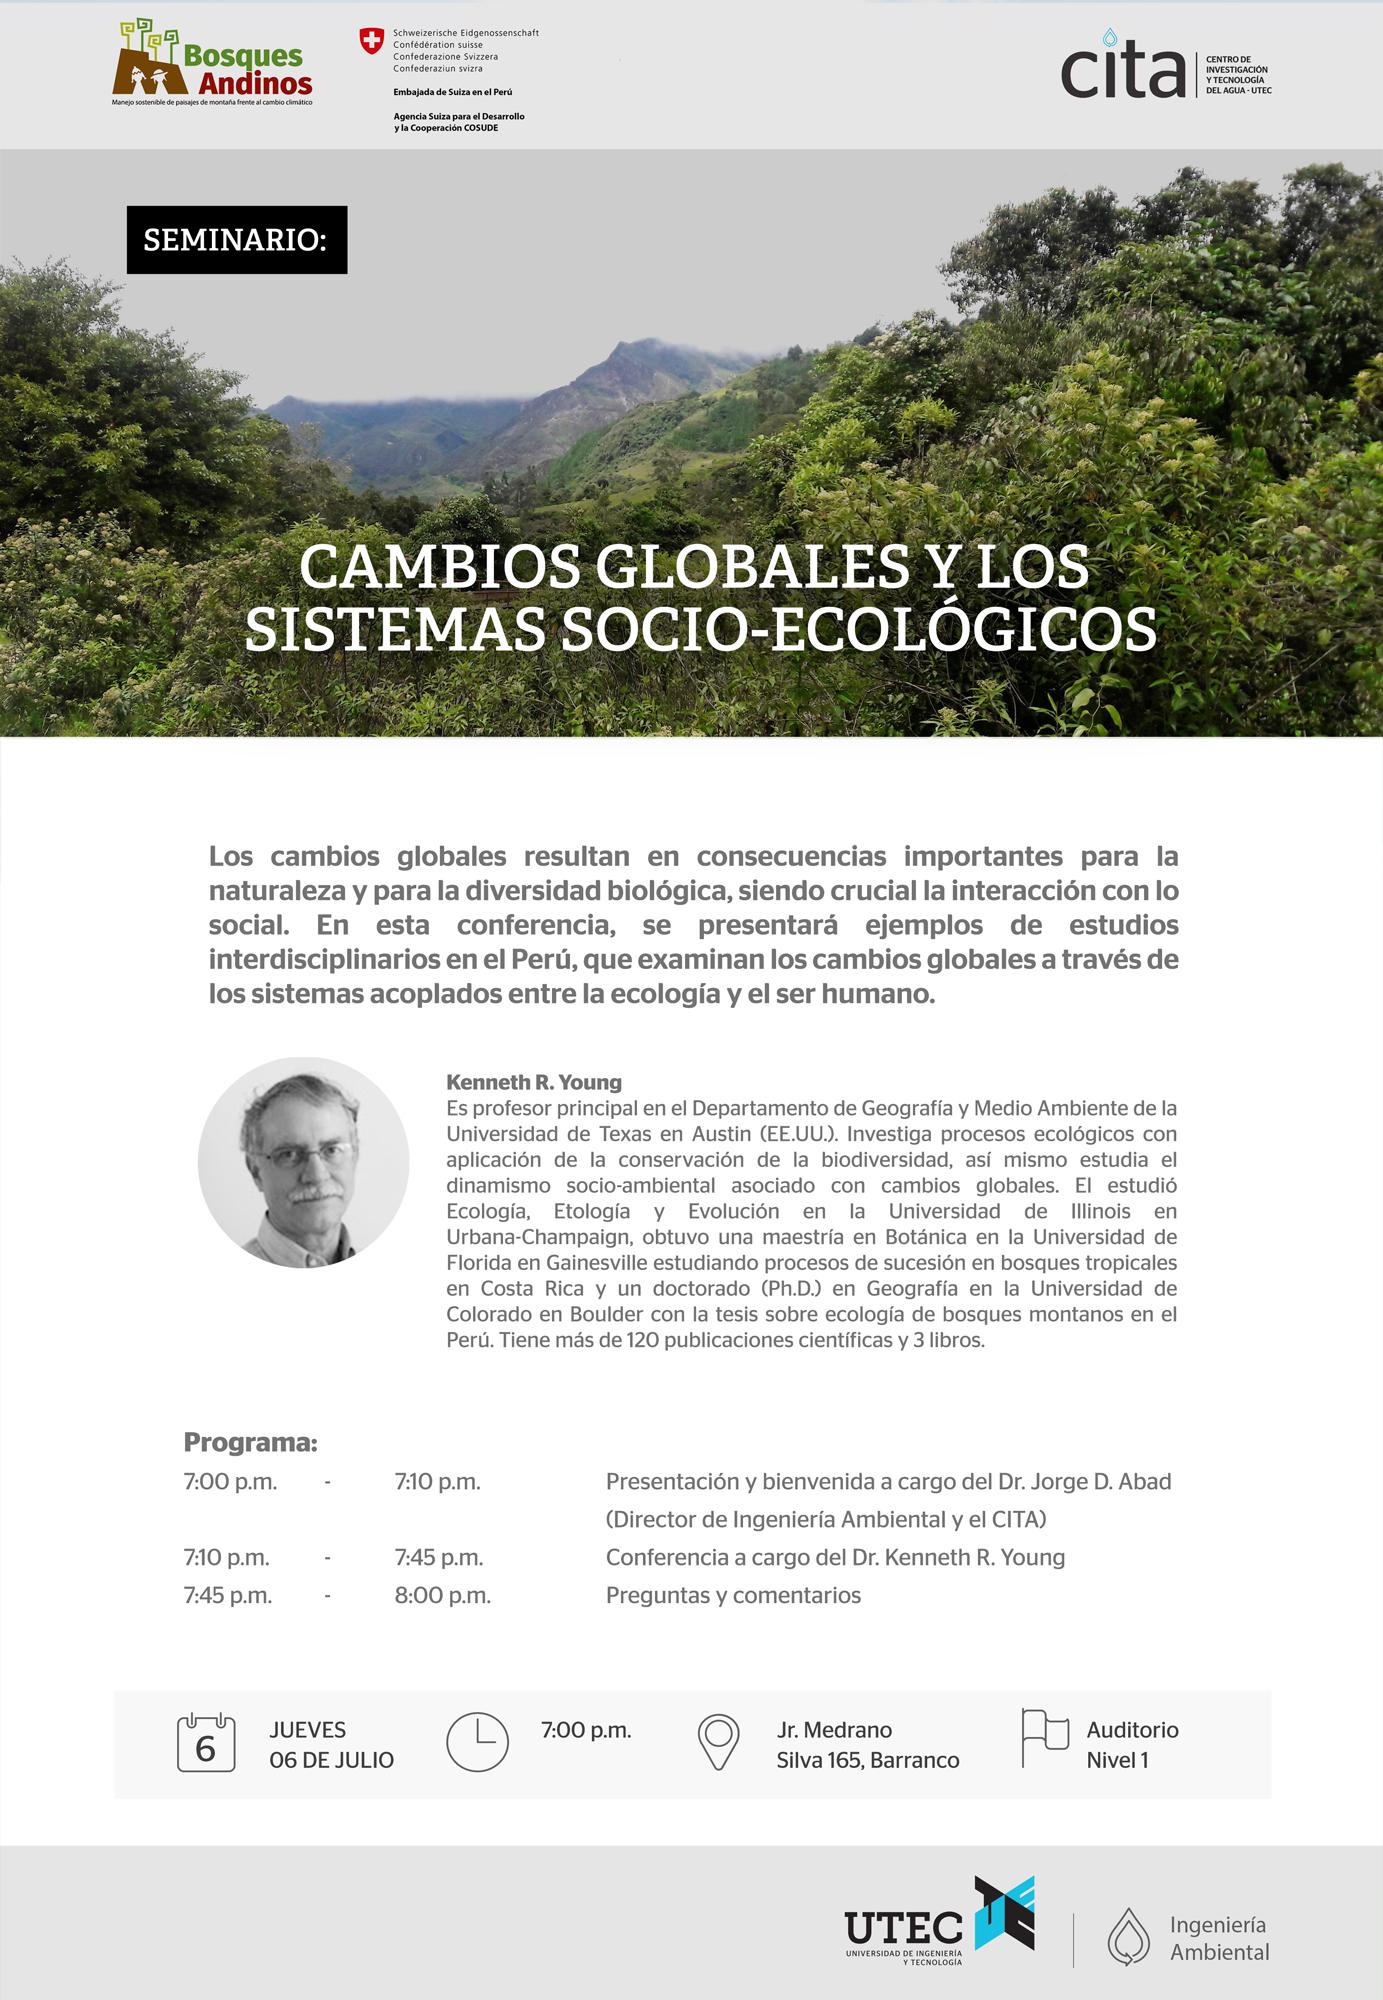 Seminario: «Cambios globales y los sistemas socio-ecológicos»